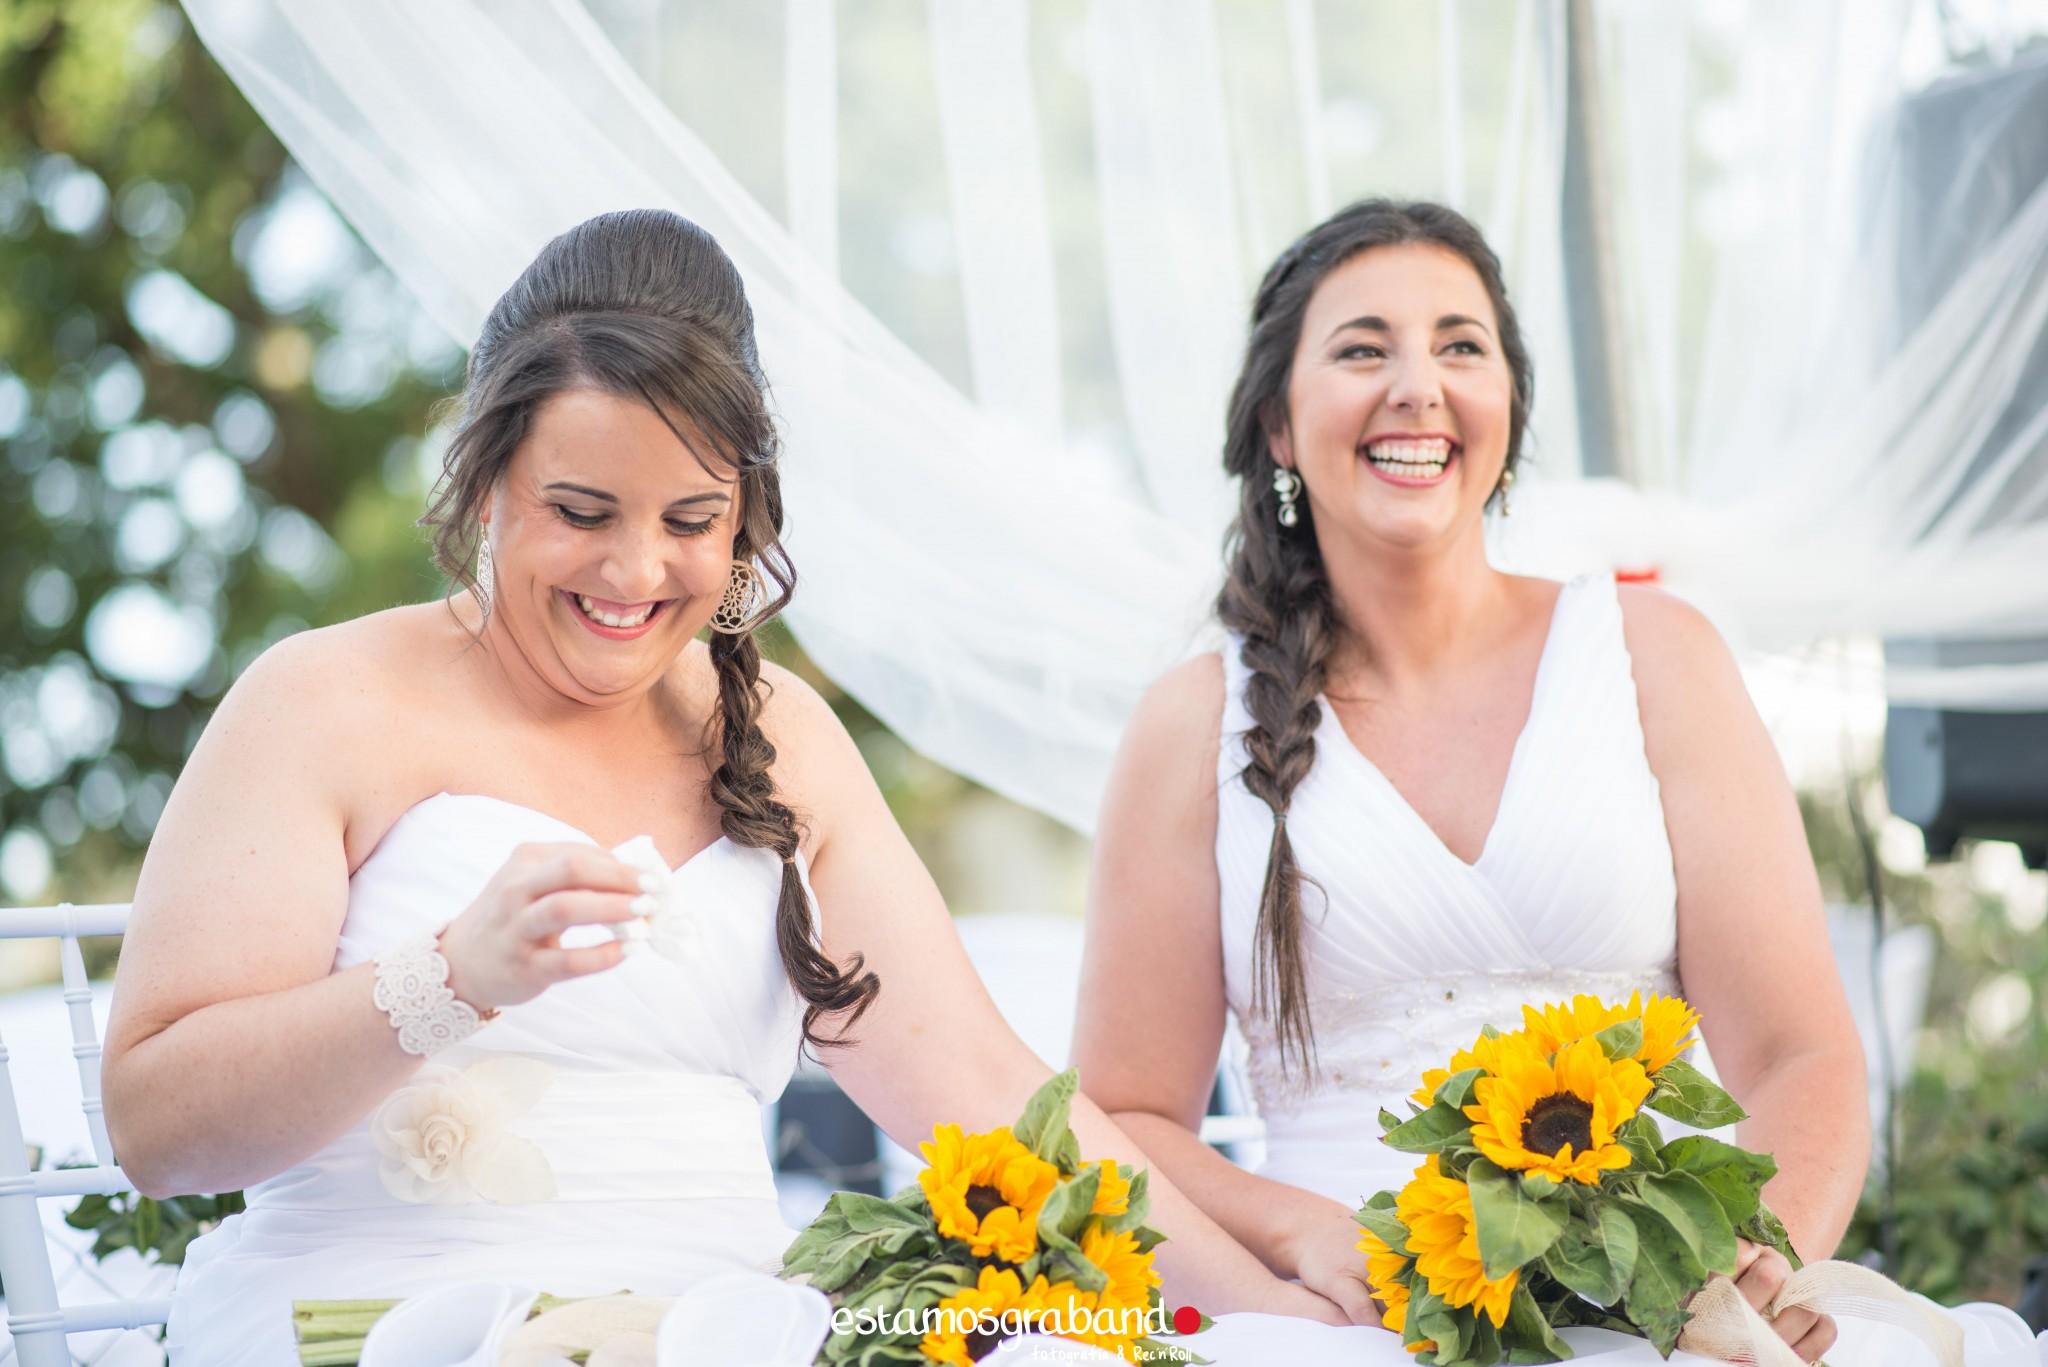 Cris-Rebeca-31 Fotografía de Boda, Rebeca & Cristina - video boda cadiz